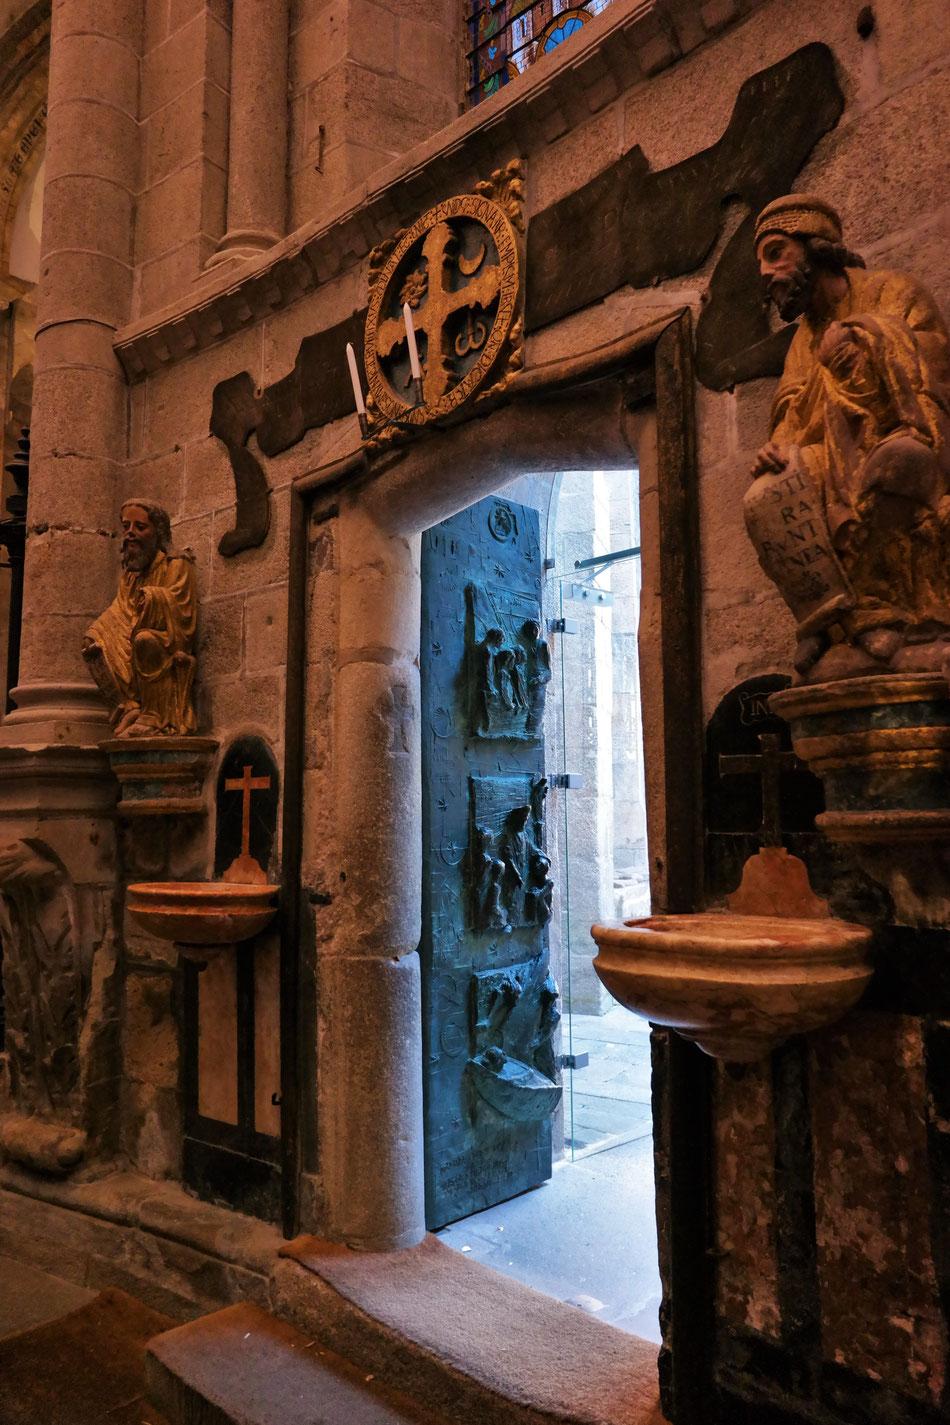 Porta Sancta, Heilige Pforte, die vom Papst oder Päpstlichen Legaten durch symbolische Hammerklopfen geöffnet wird.